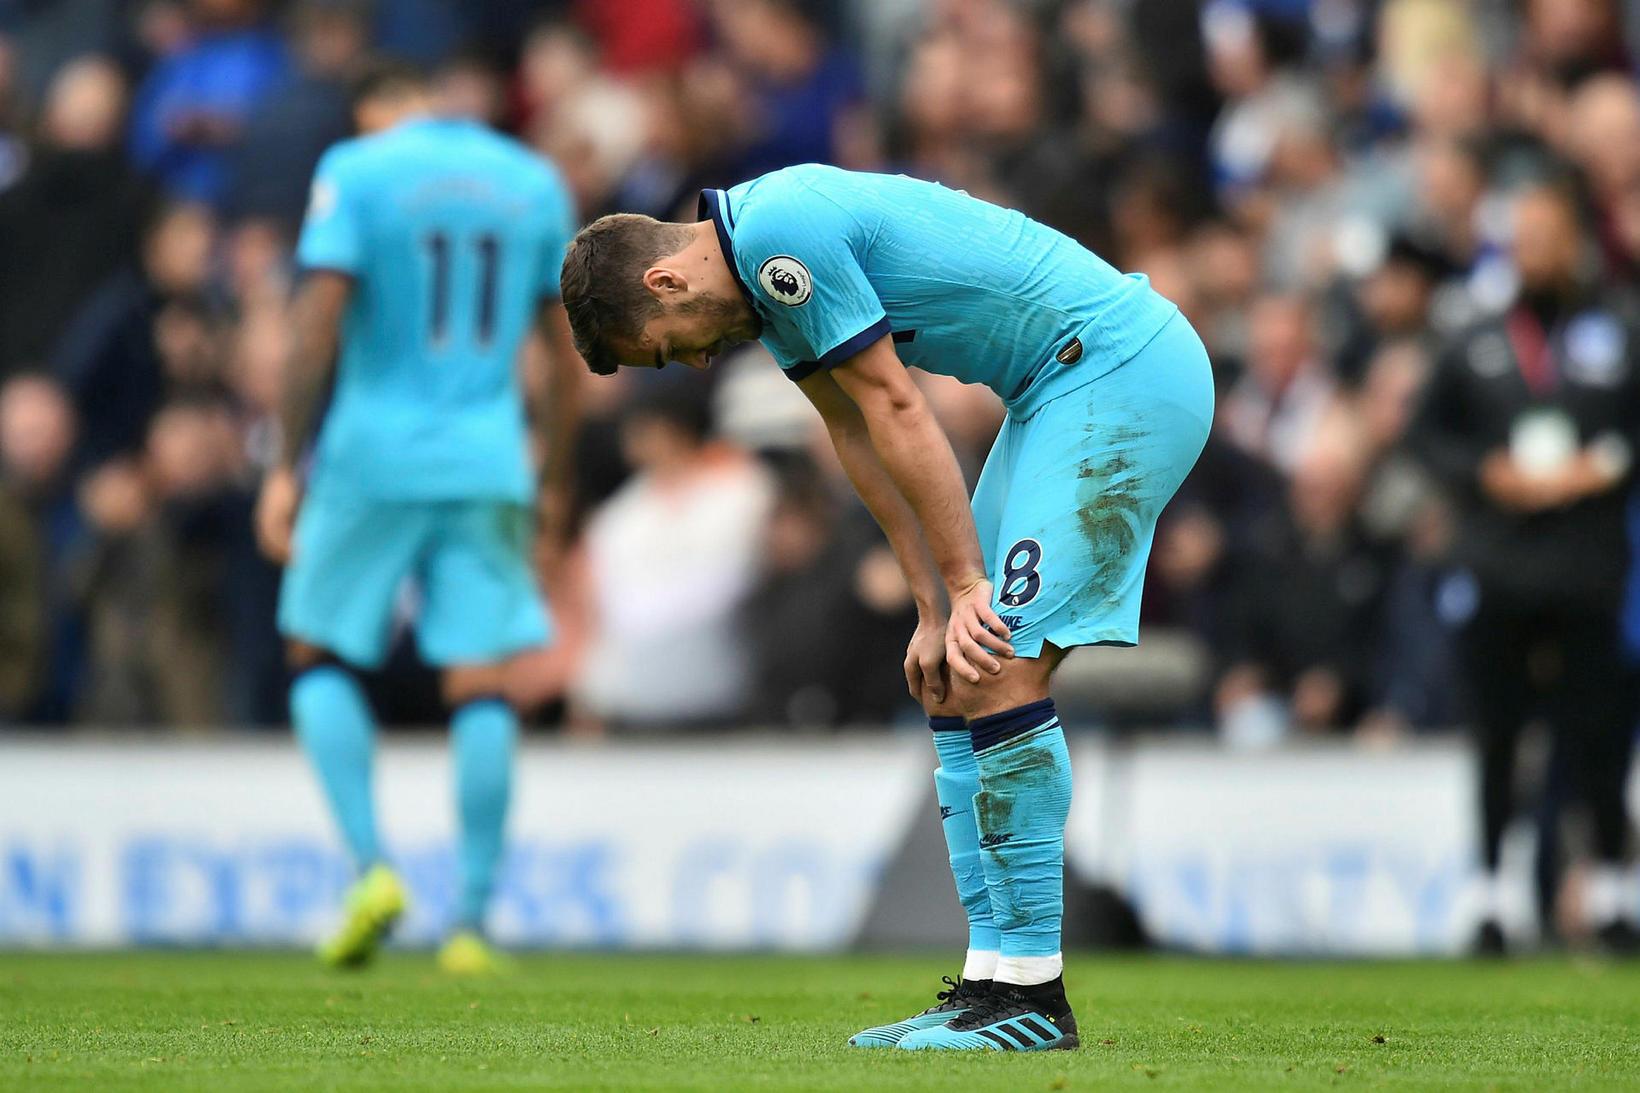 Það gengur lítið upp hjá Tottenham.